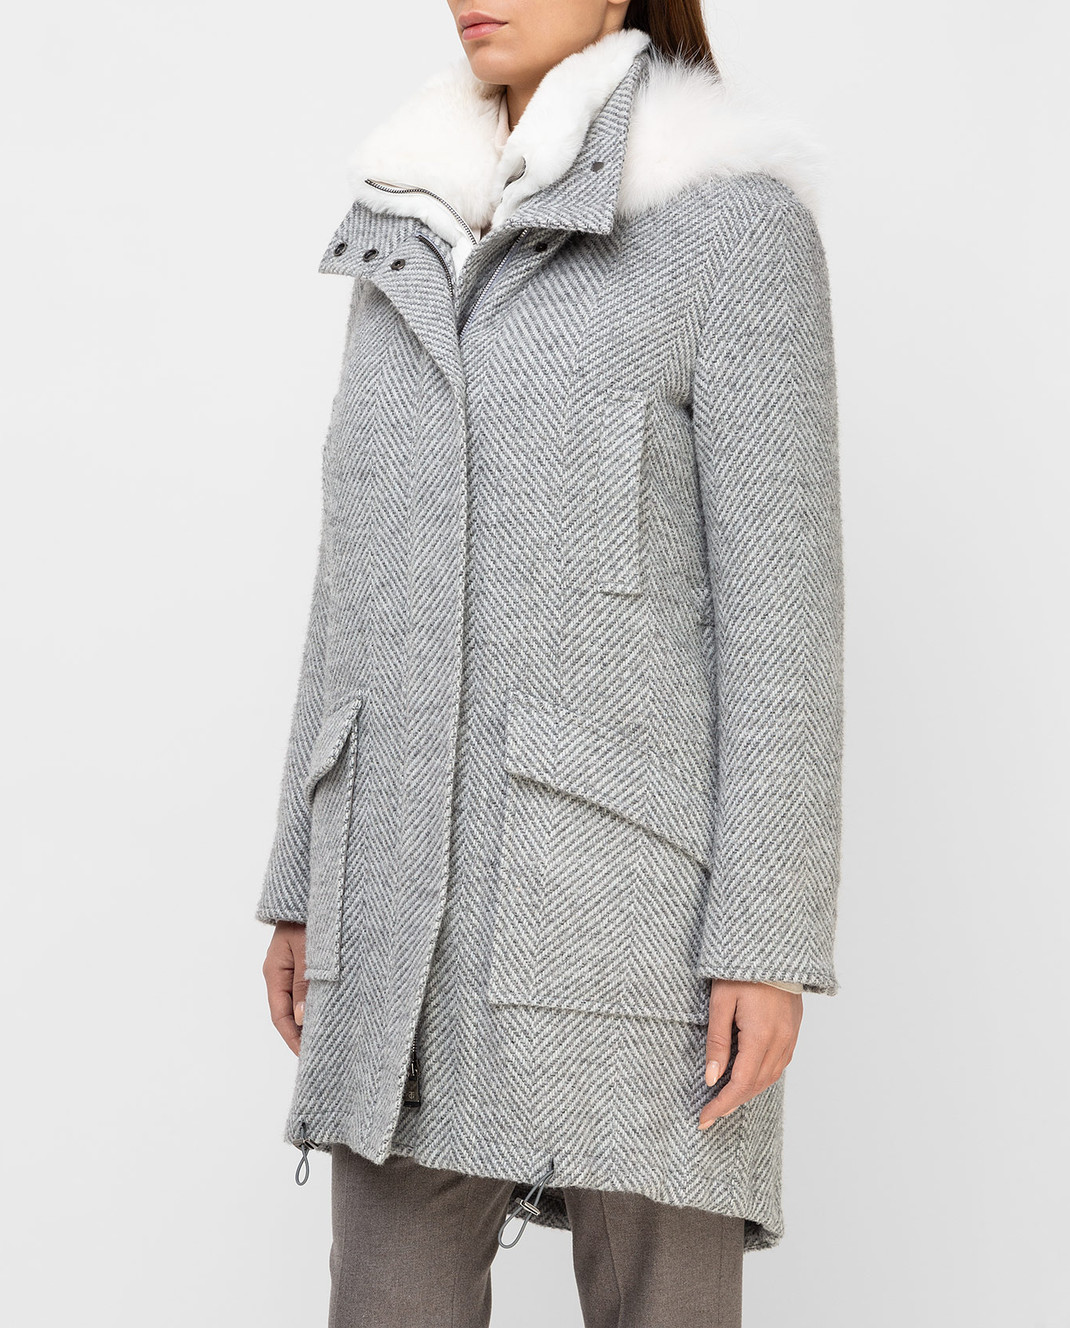 Giuliana Teso Серая парка из шерсти и альпаки с мехом лисы 84QS590 изображение 3